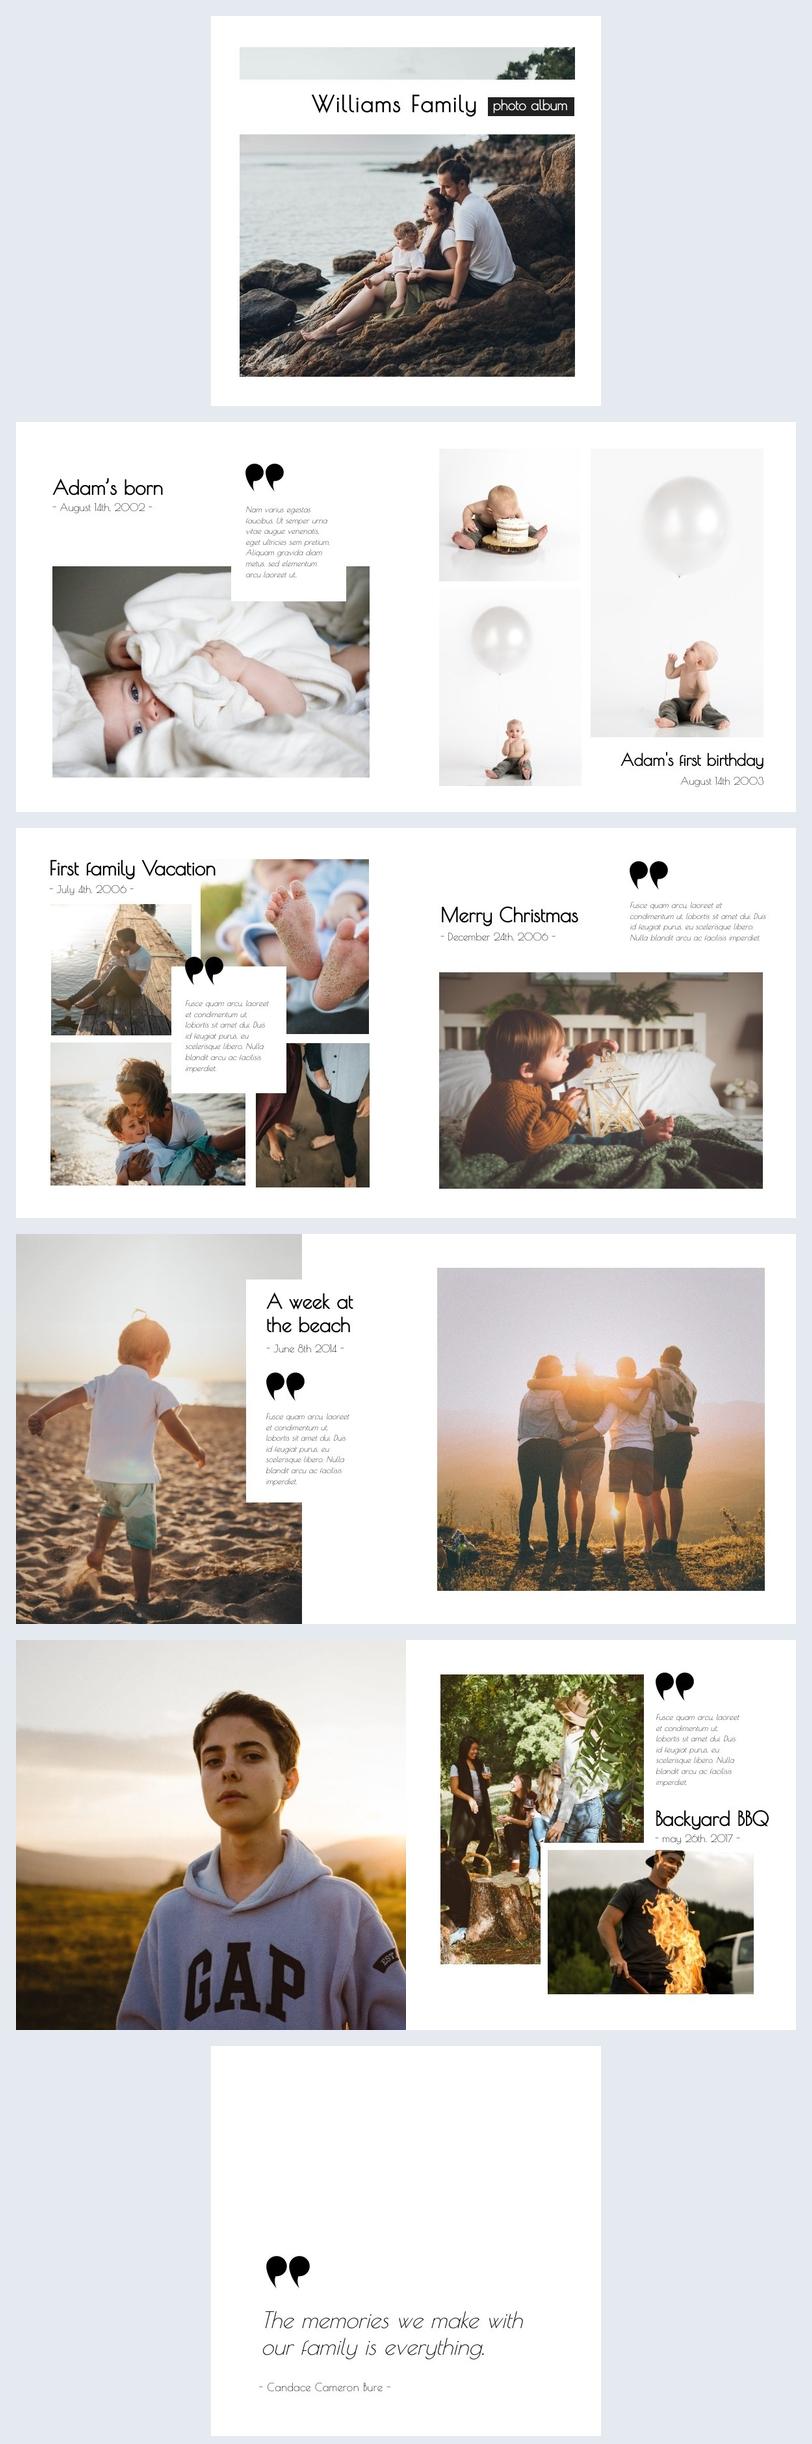 Ejemplo de plantilla para álbum fotográfico familiar en línea